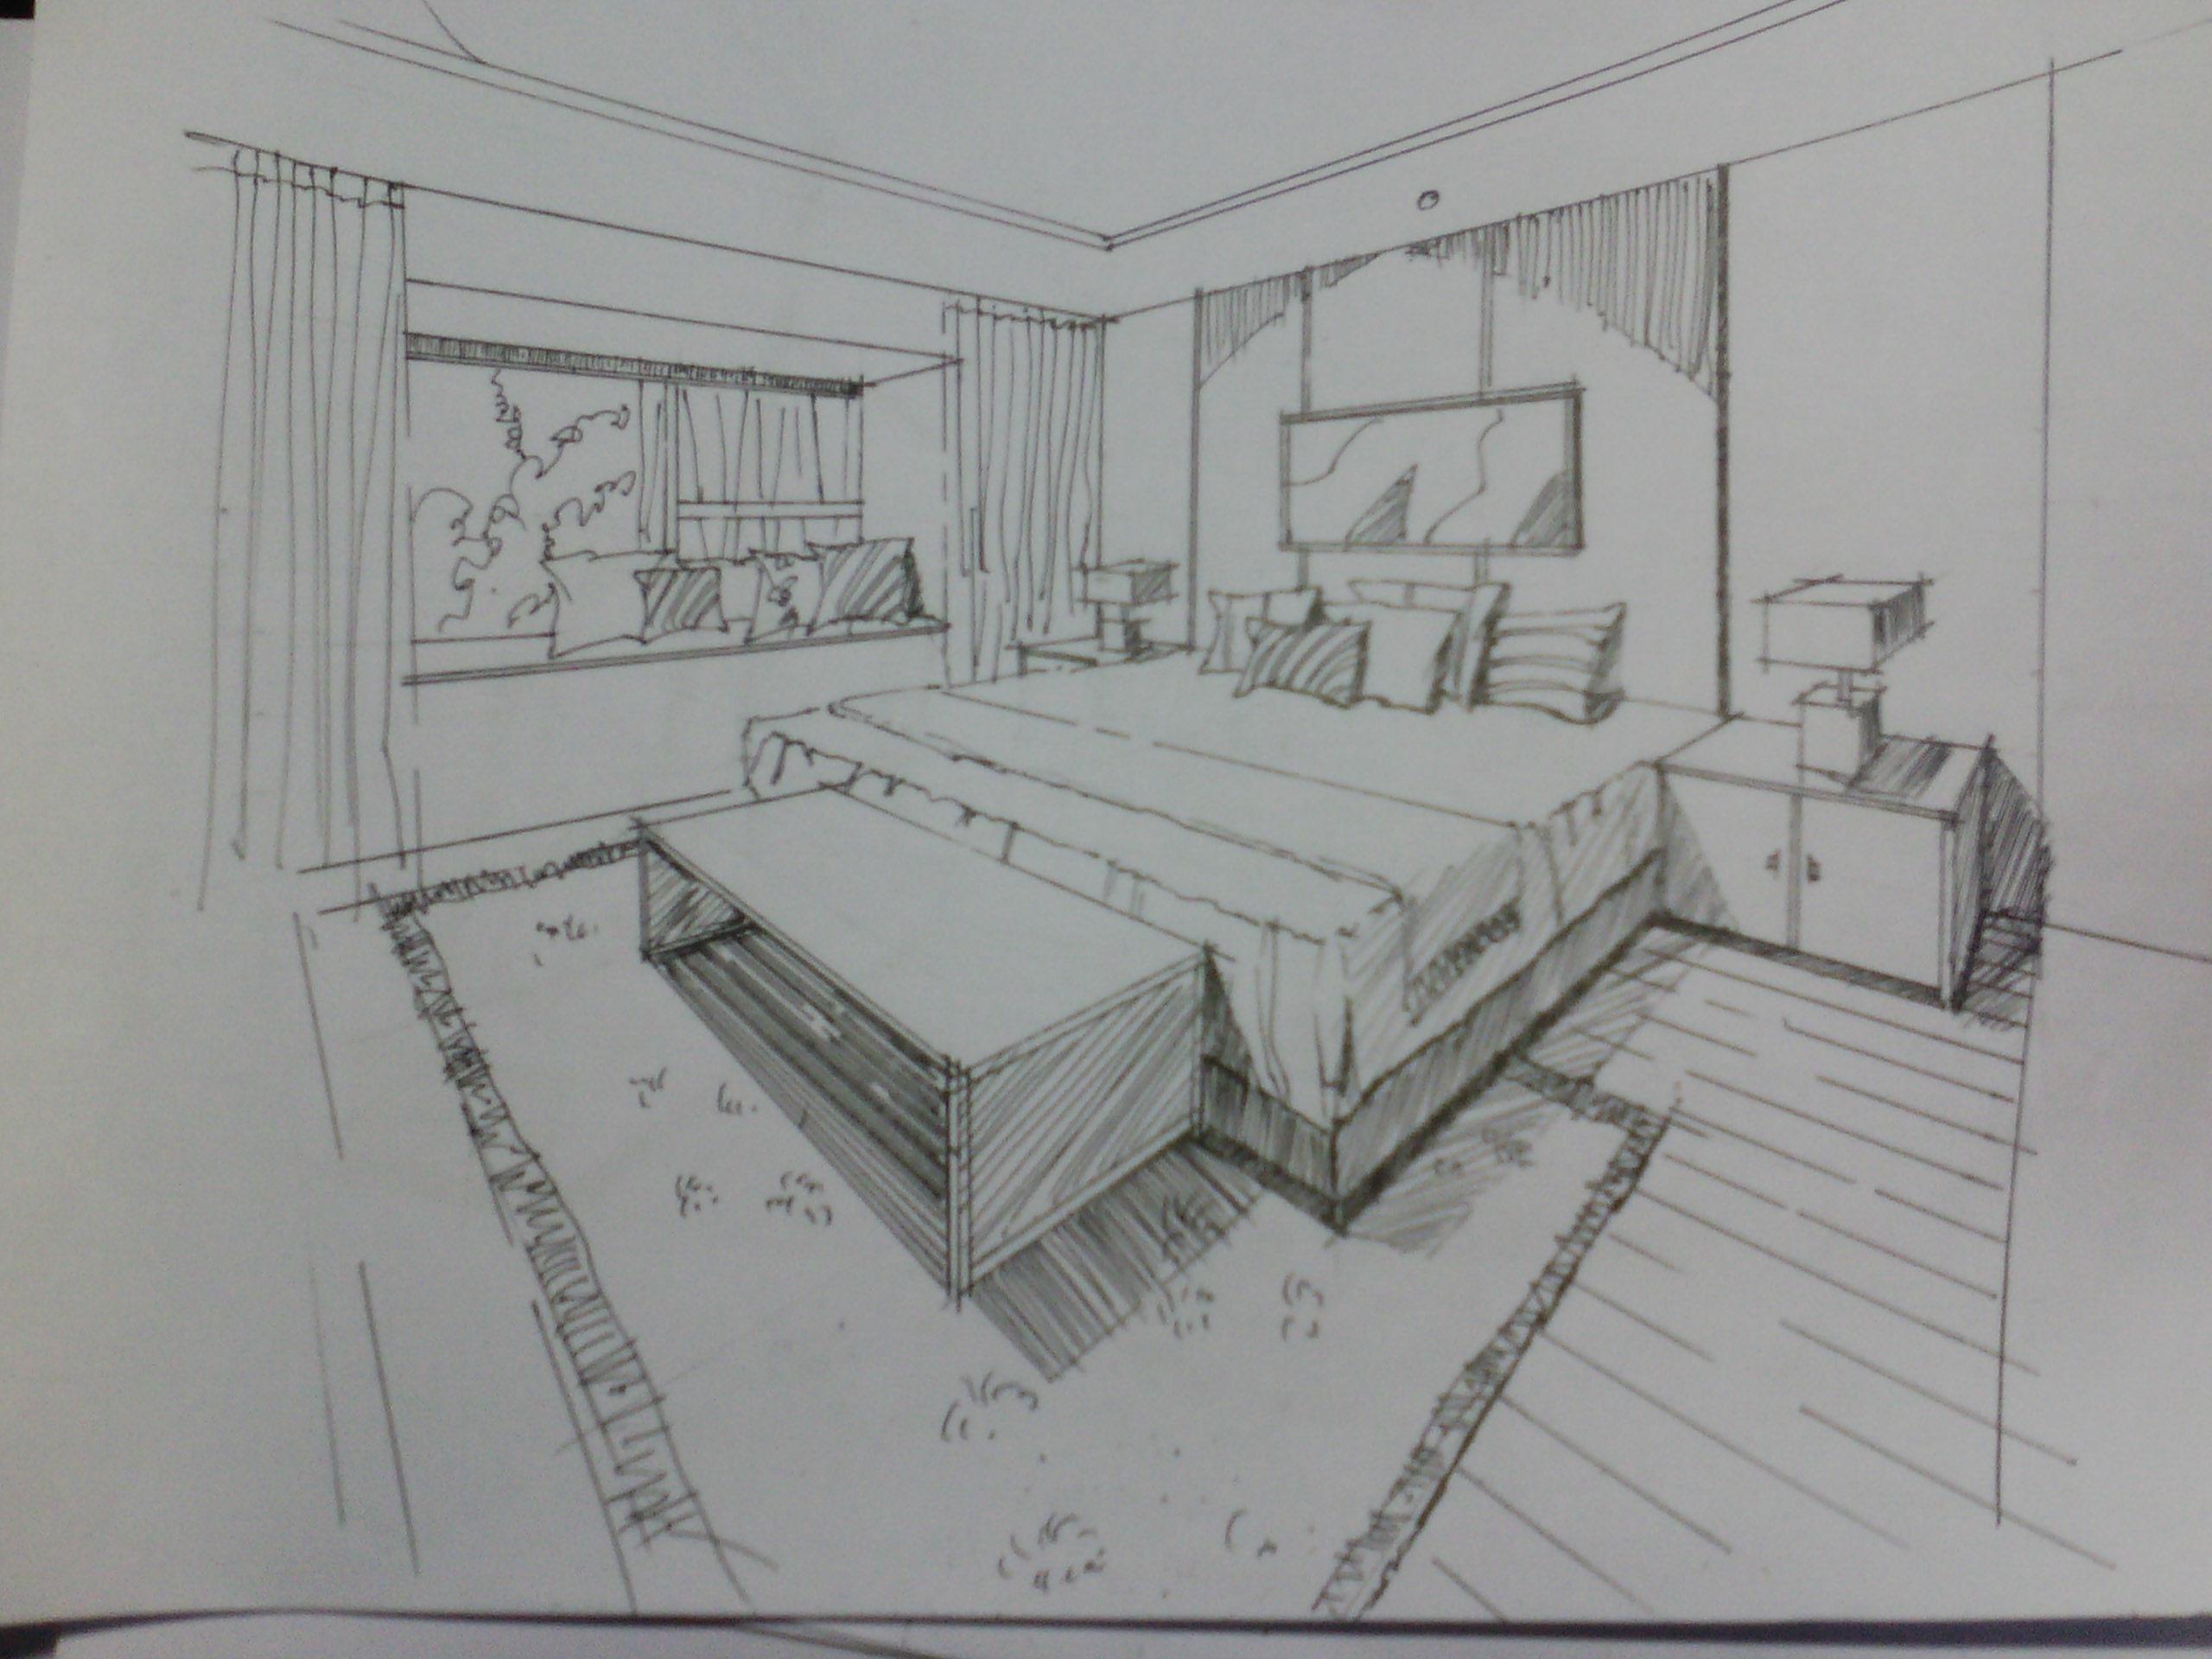 室内外设计手绘-自学半个月啦,临摹的线稿求大